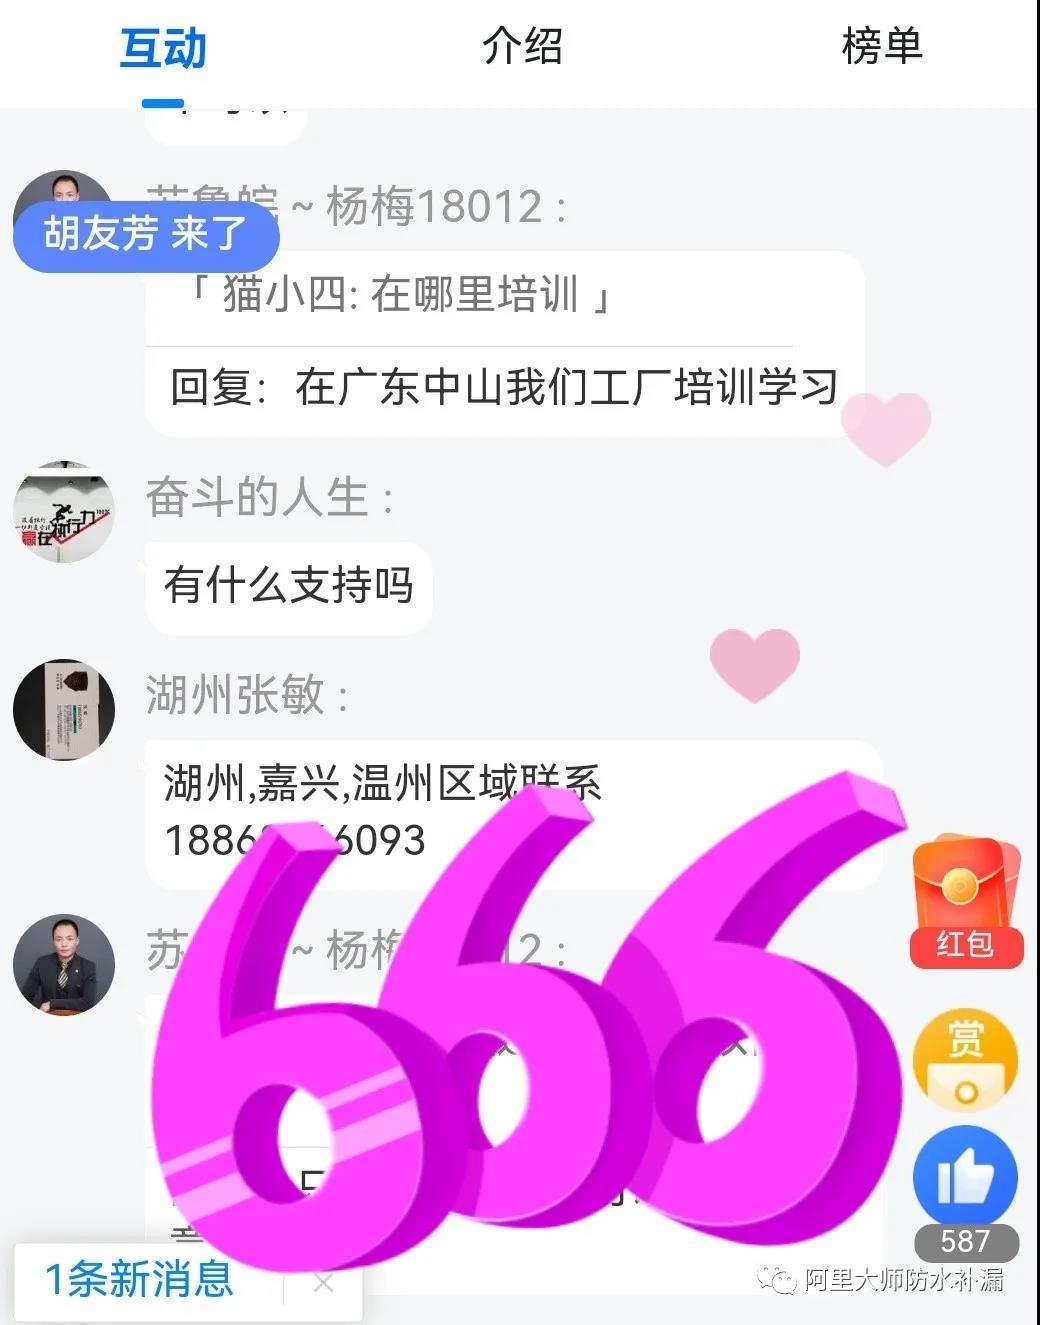 寰俊鍥剧墖_20210902175706.jpg